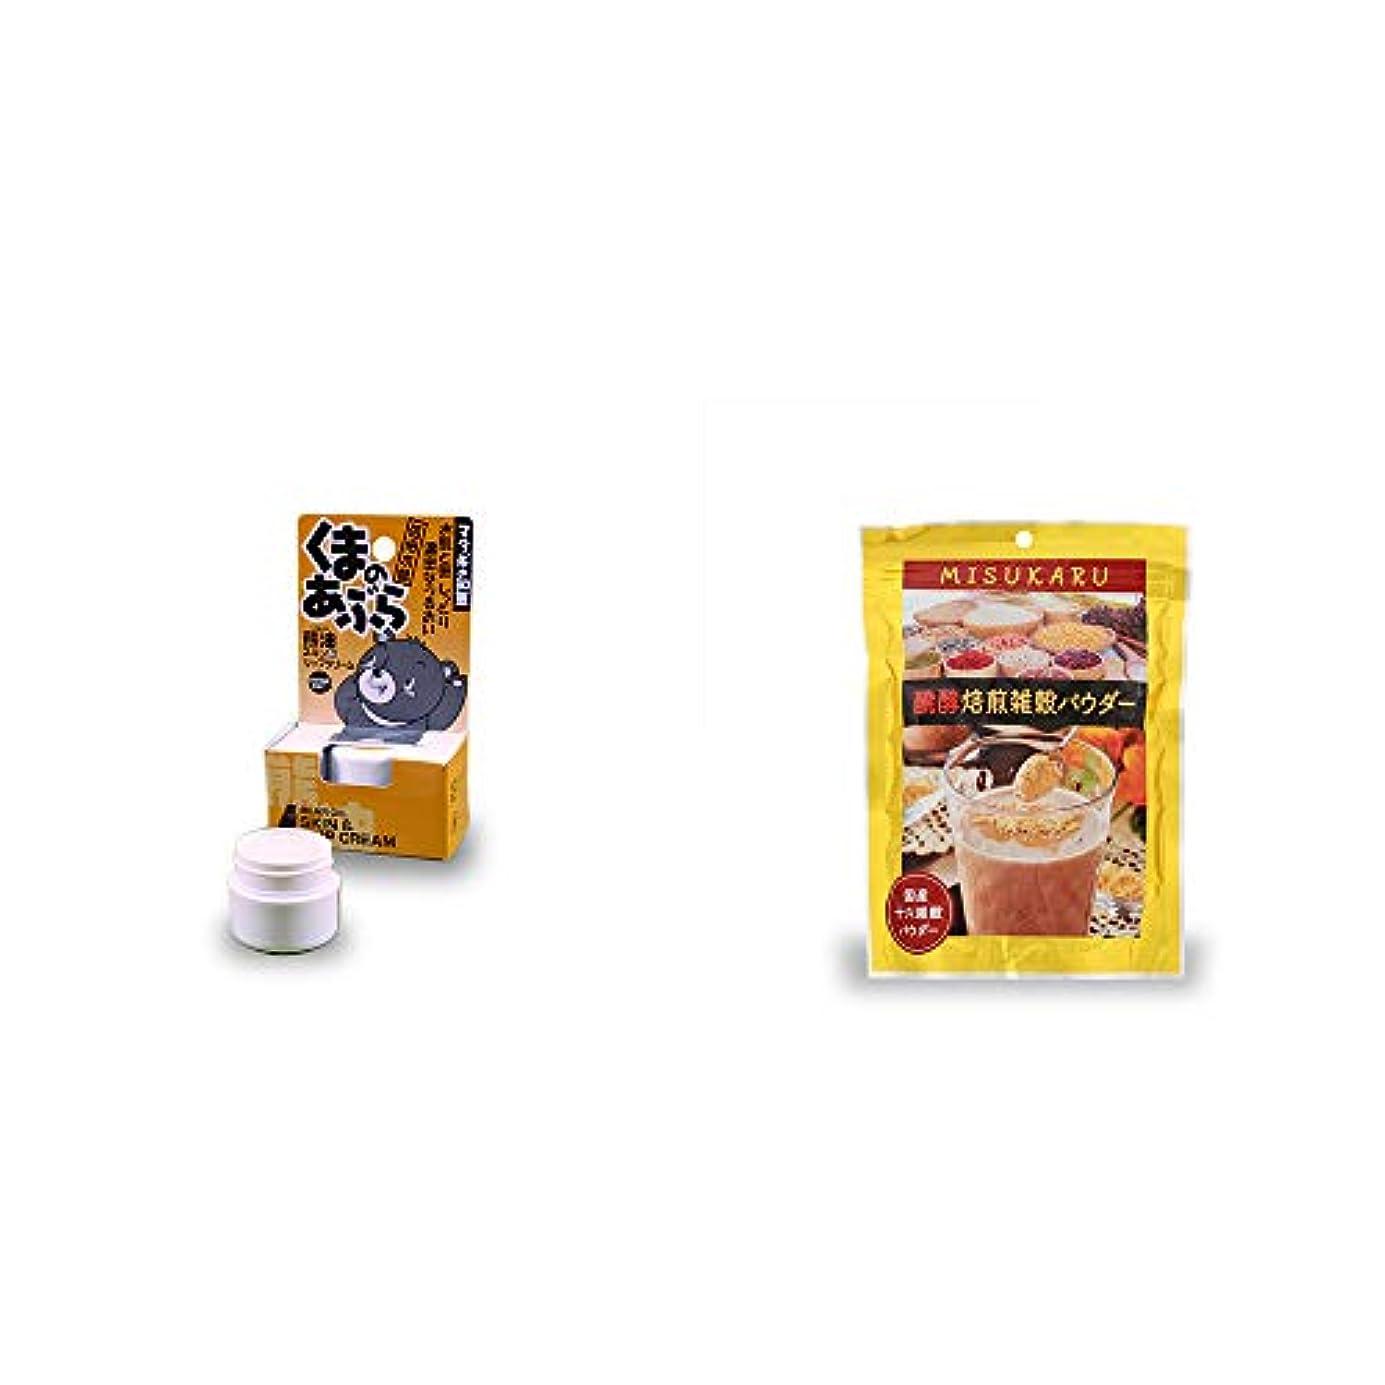 コールドどのくらいの頻度でネズミ[2点セット] 信州木曽 くまのあぶら 熊油スキン&リップクリーム(9g)?醗酵焙煎雑穀パウダー MISUKARU(ミスカル)(200g)